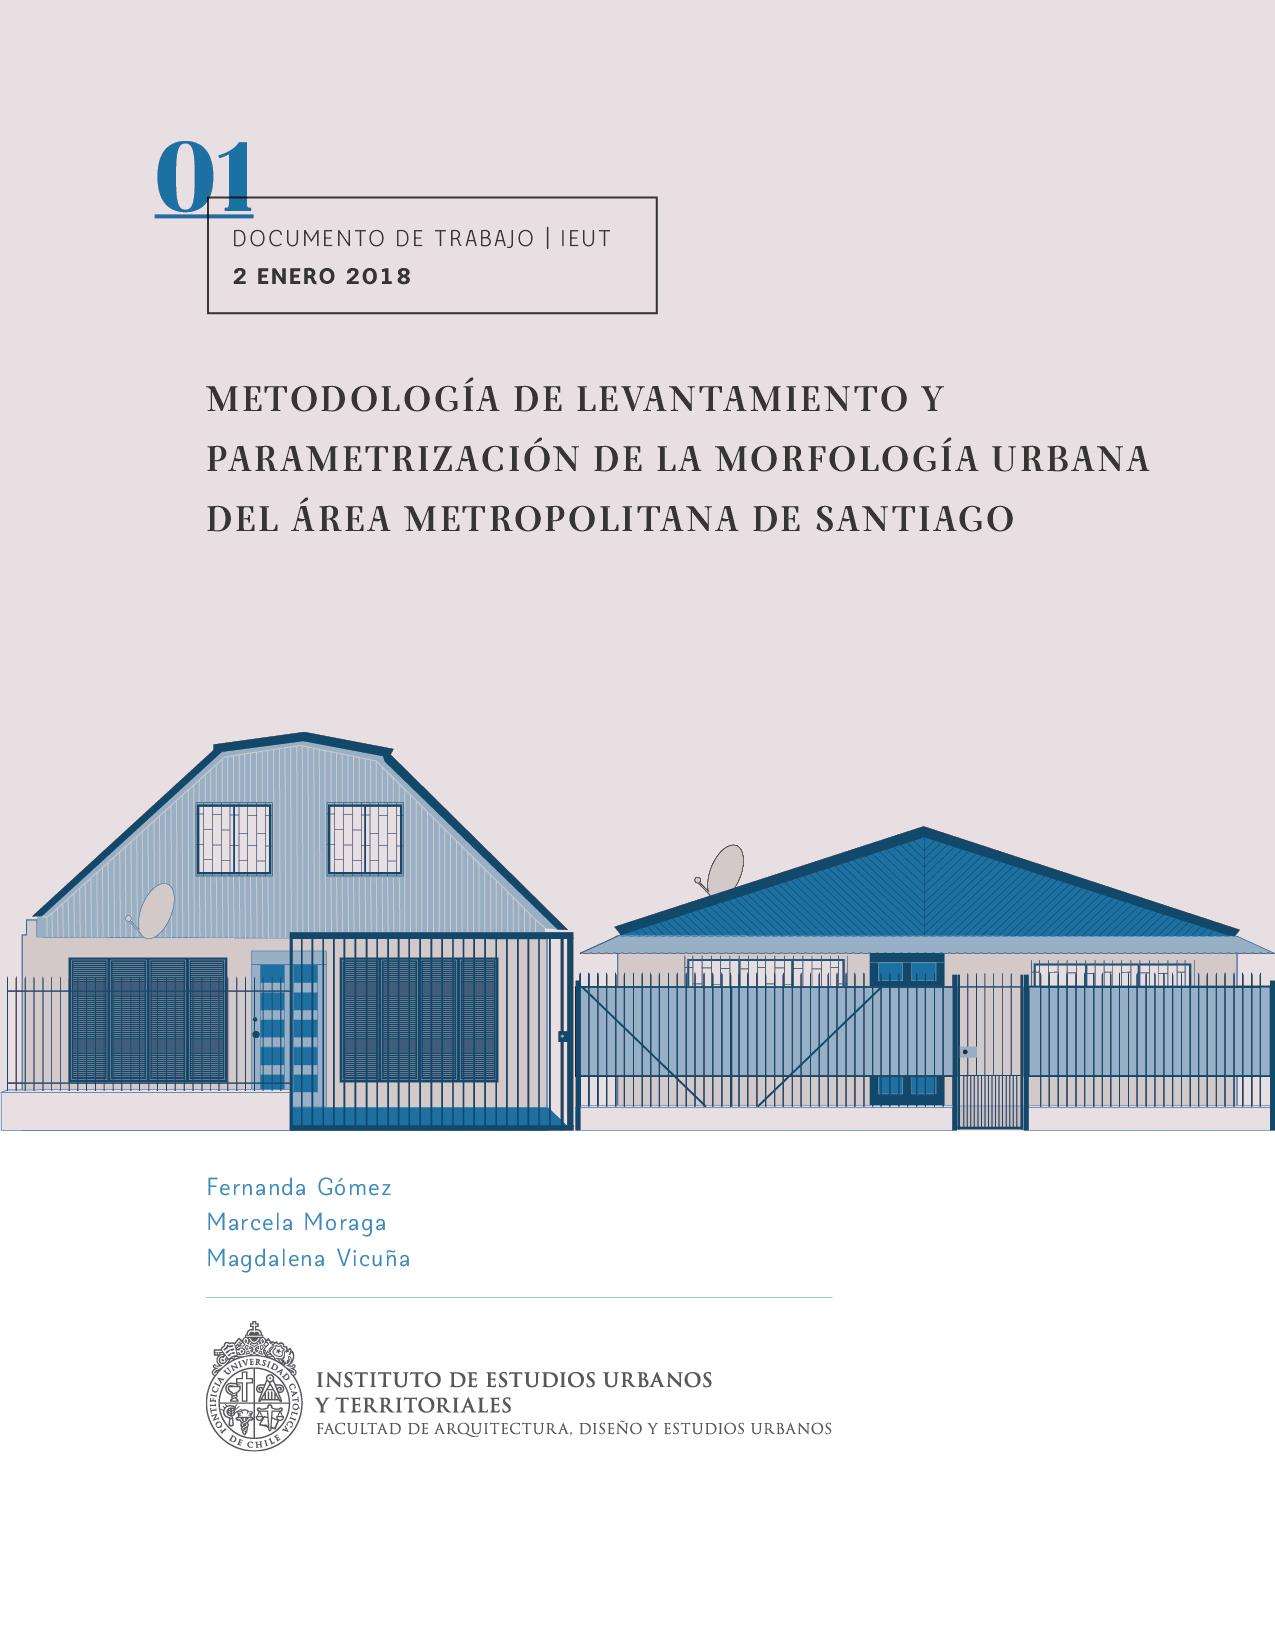 Metodología de levantamiento y Parametrización de la Morfología Urbanadel Área Metropolitana de Santiago